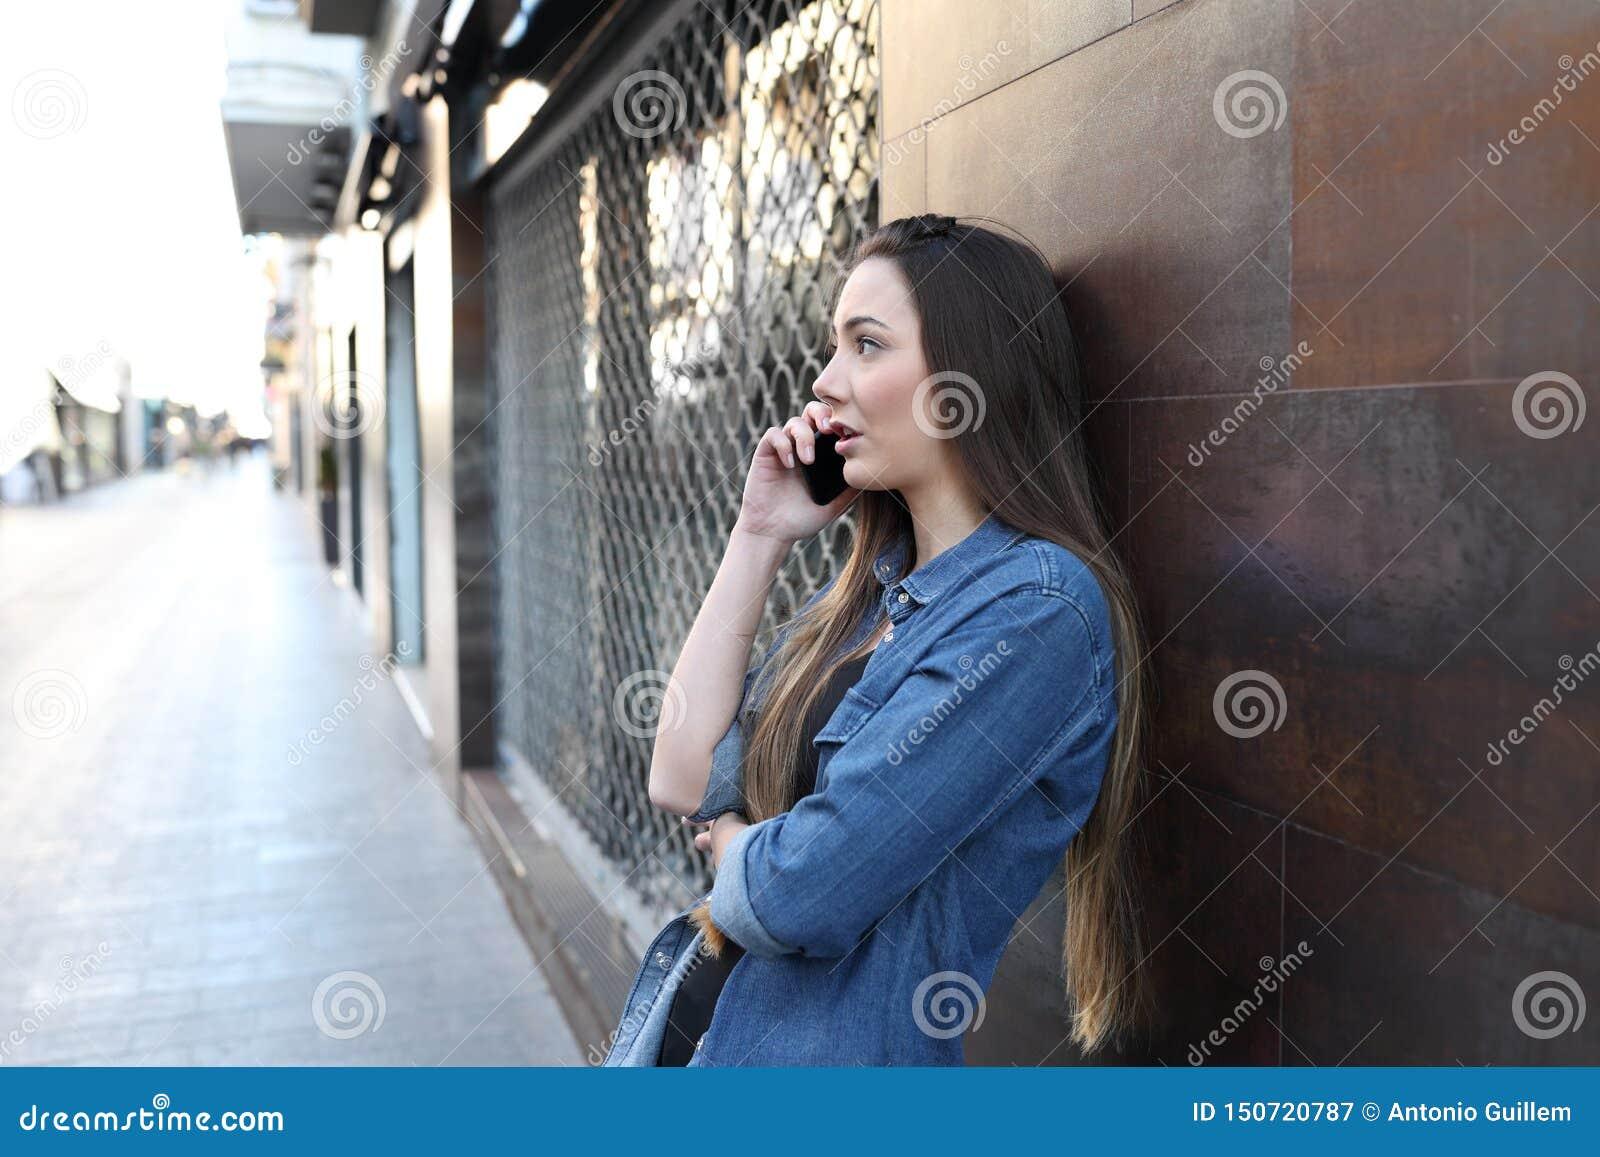 Negociaciones de la mujer sobre el teléfono en la calle